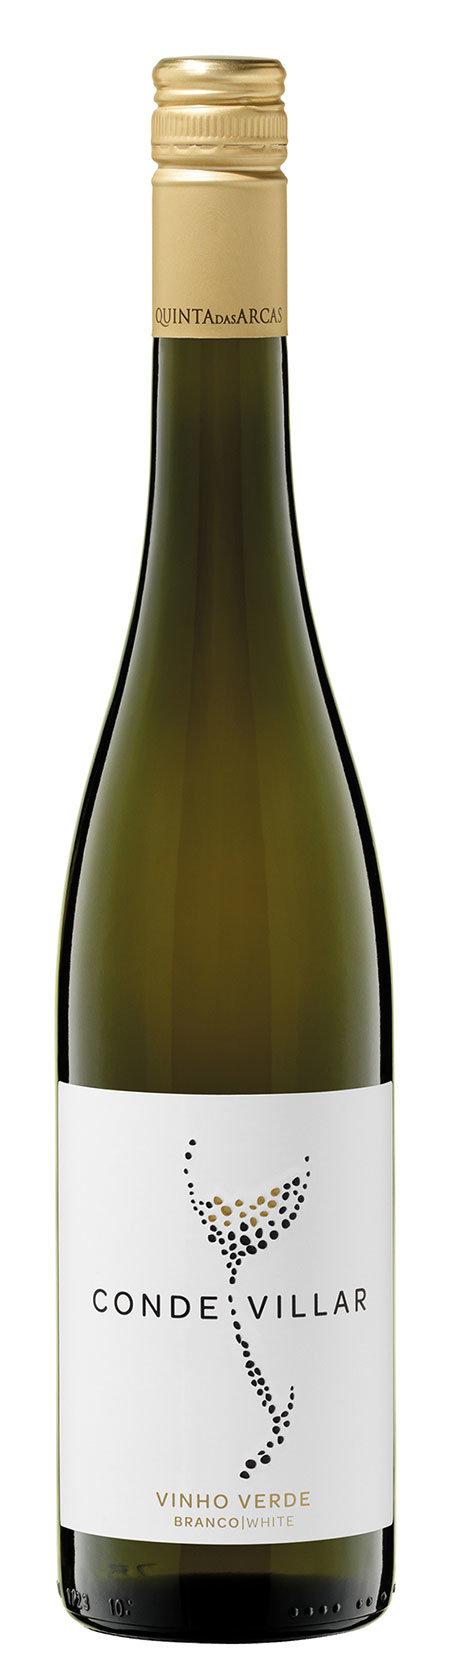 Conde Villar Vinho Verde Branco- Quinta Das Arcas